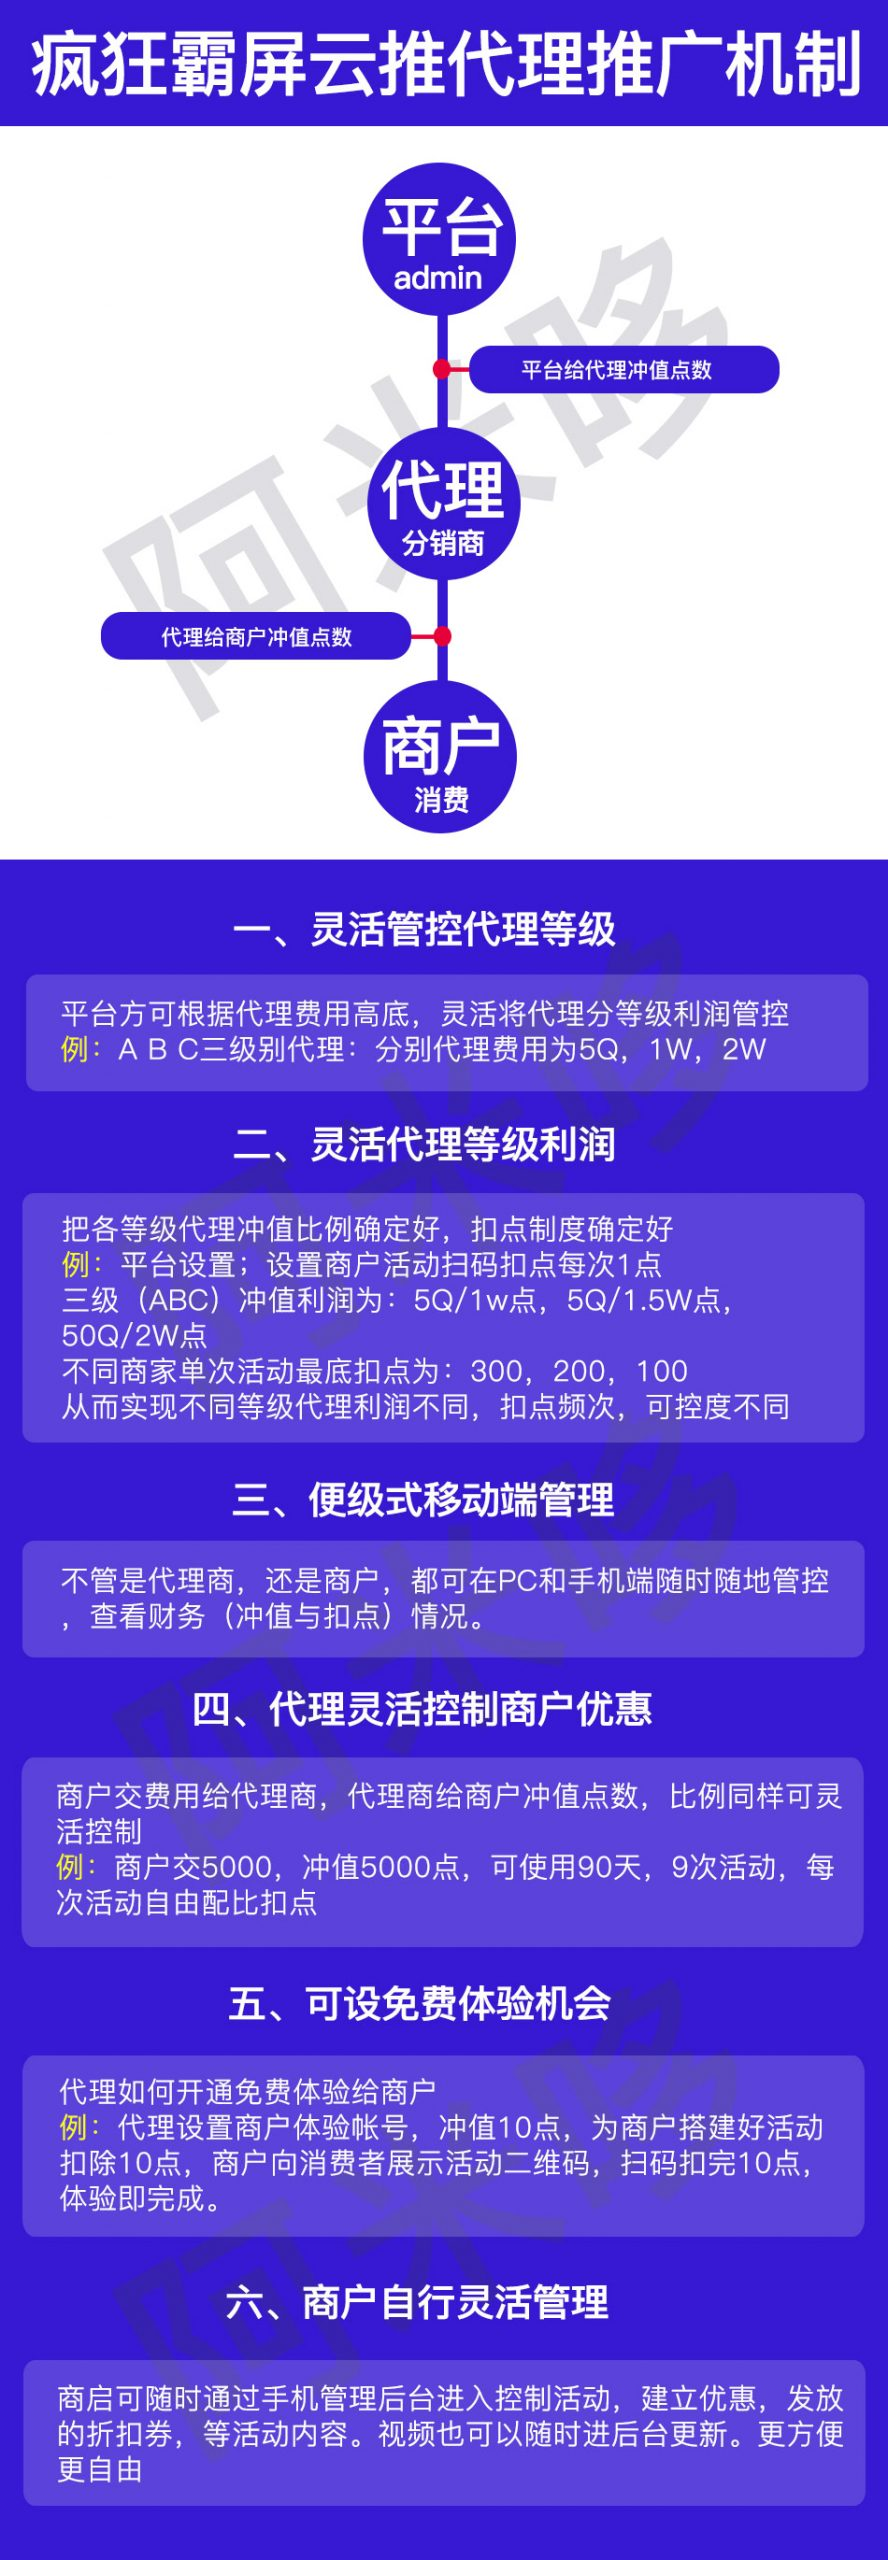 【公众号应用】疯狂霸屏云推V1.7.4快手抖音霸屏系统,修复部分页面样式加载不正确 公众号应用 第4张